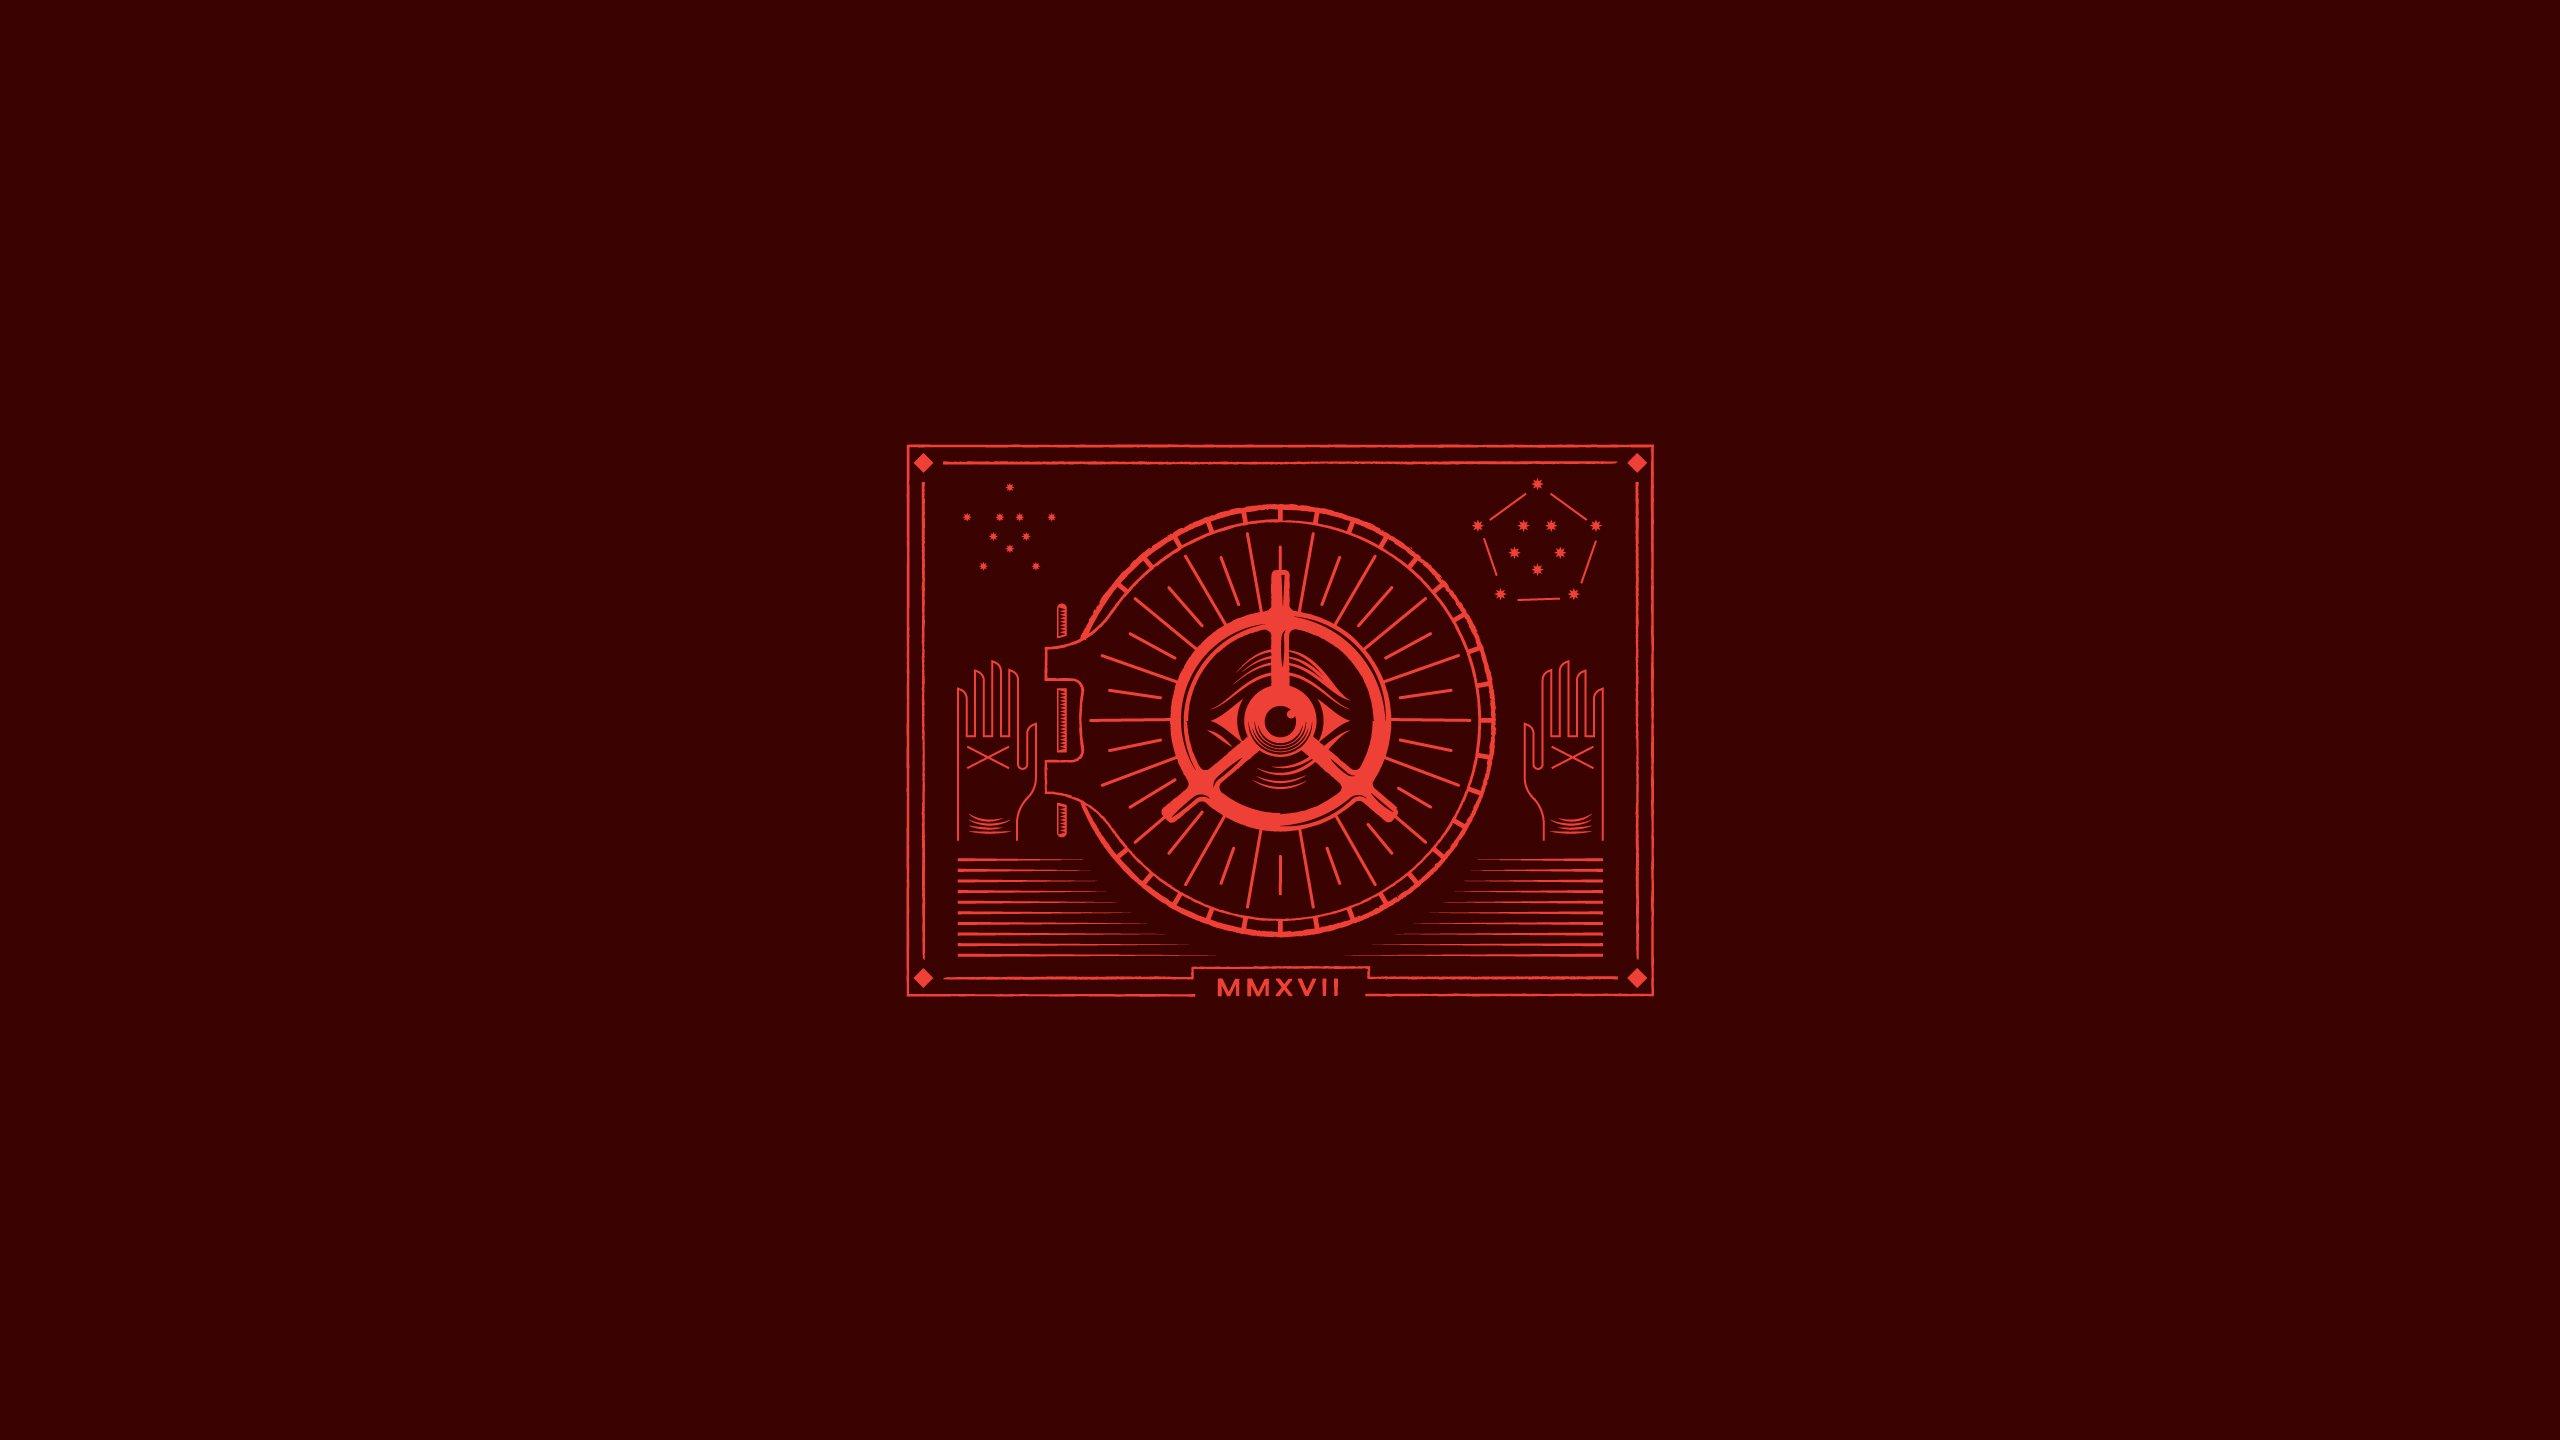 Sfondi 2560x1440 Px Illuminati Minimalismo Sfondo Rosso L